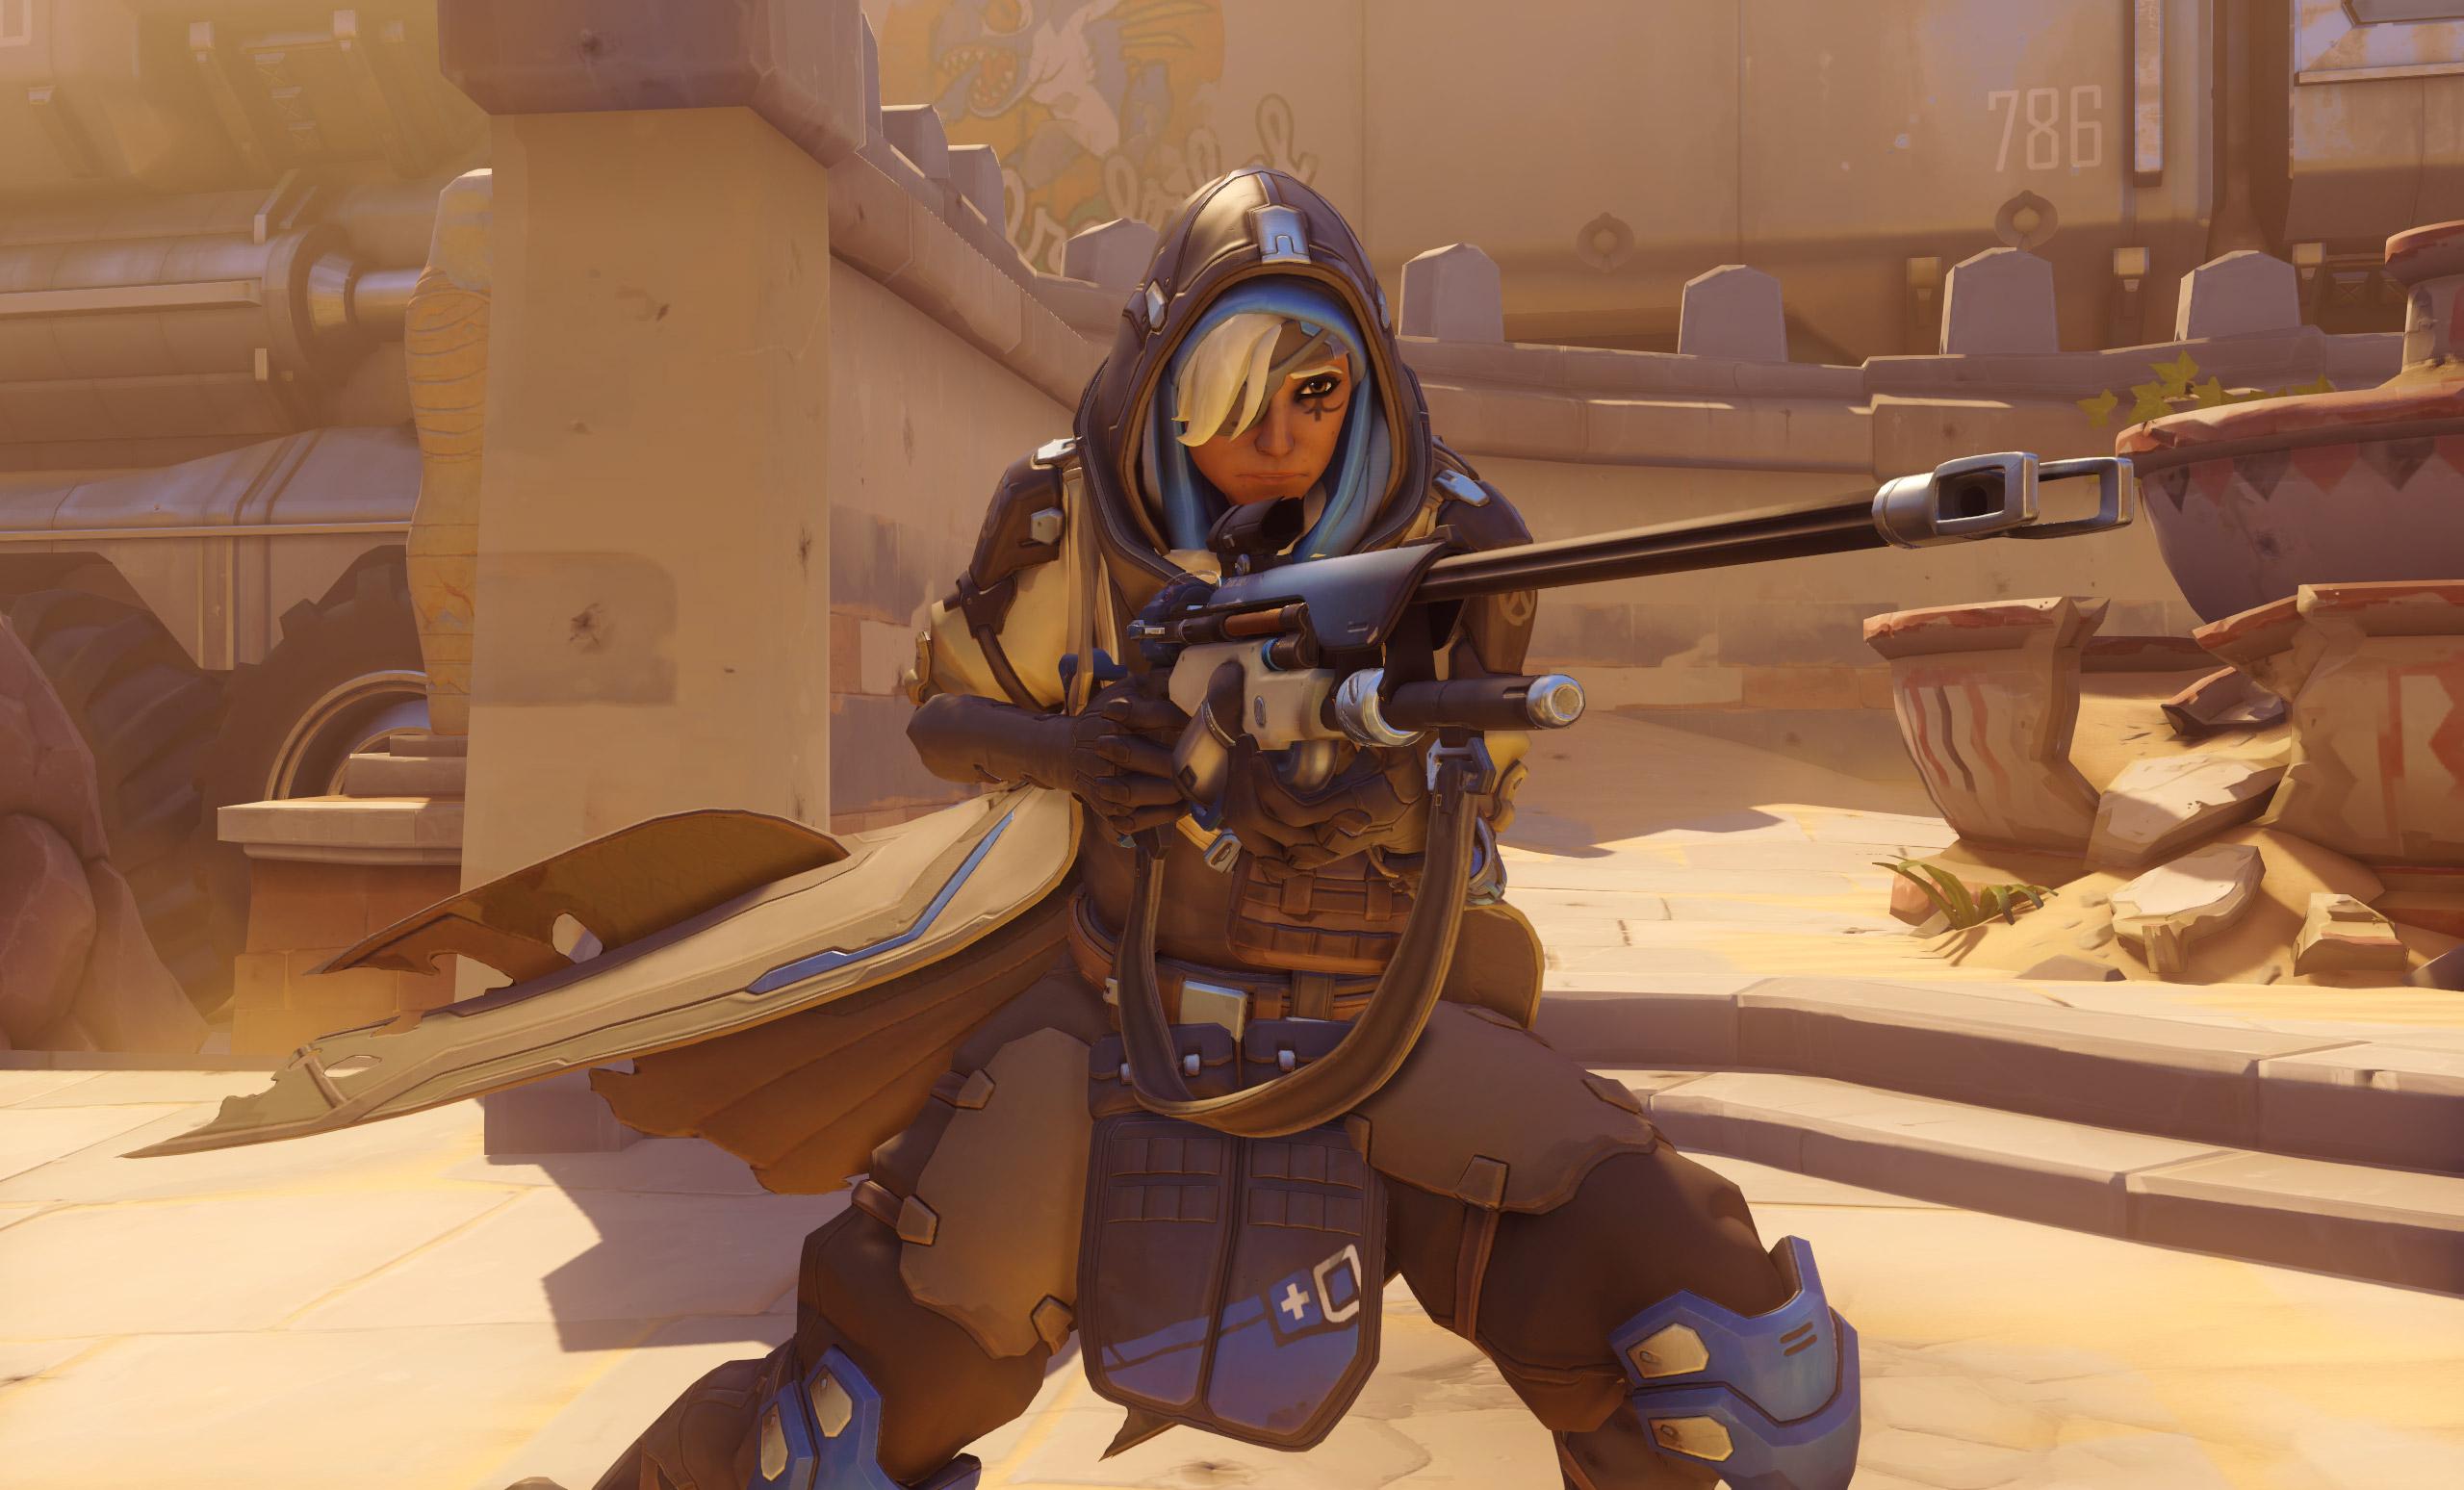 Ana Overwatch hero support4